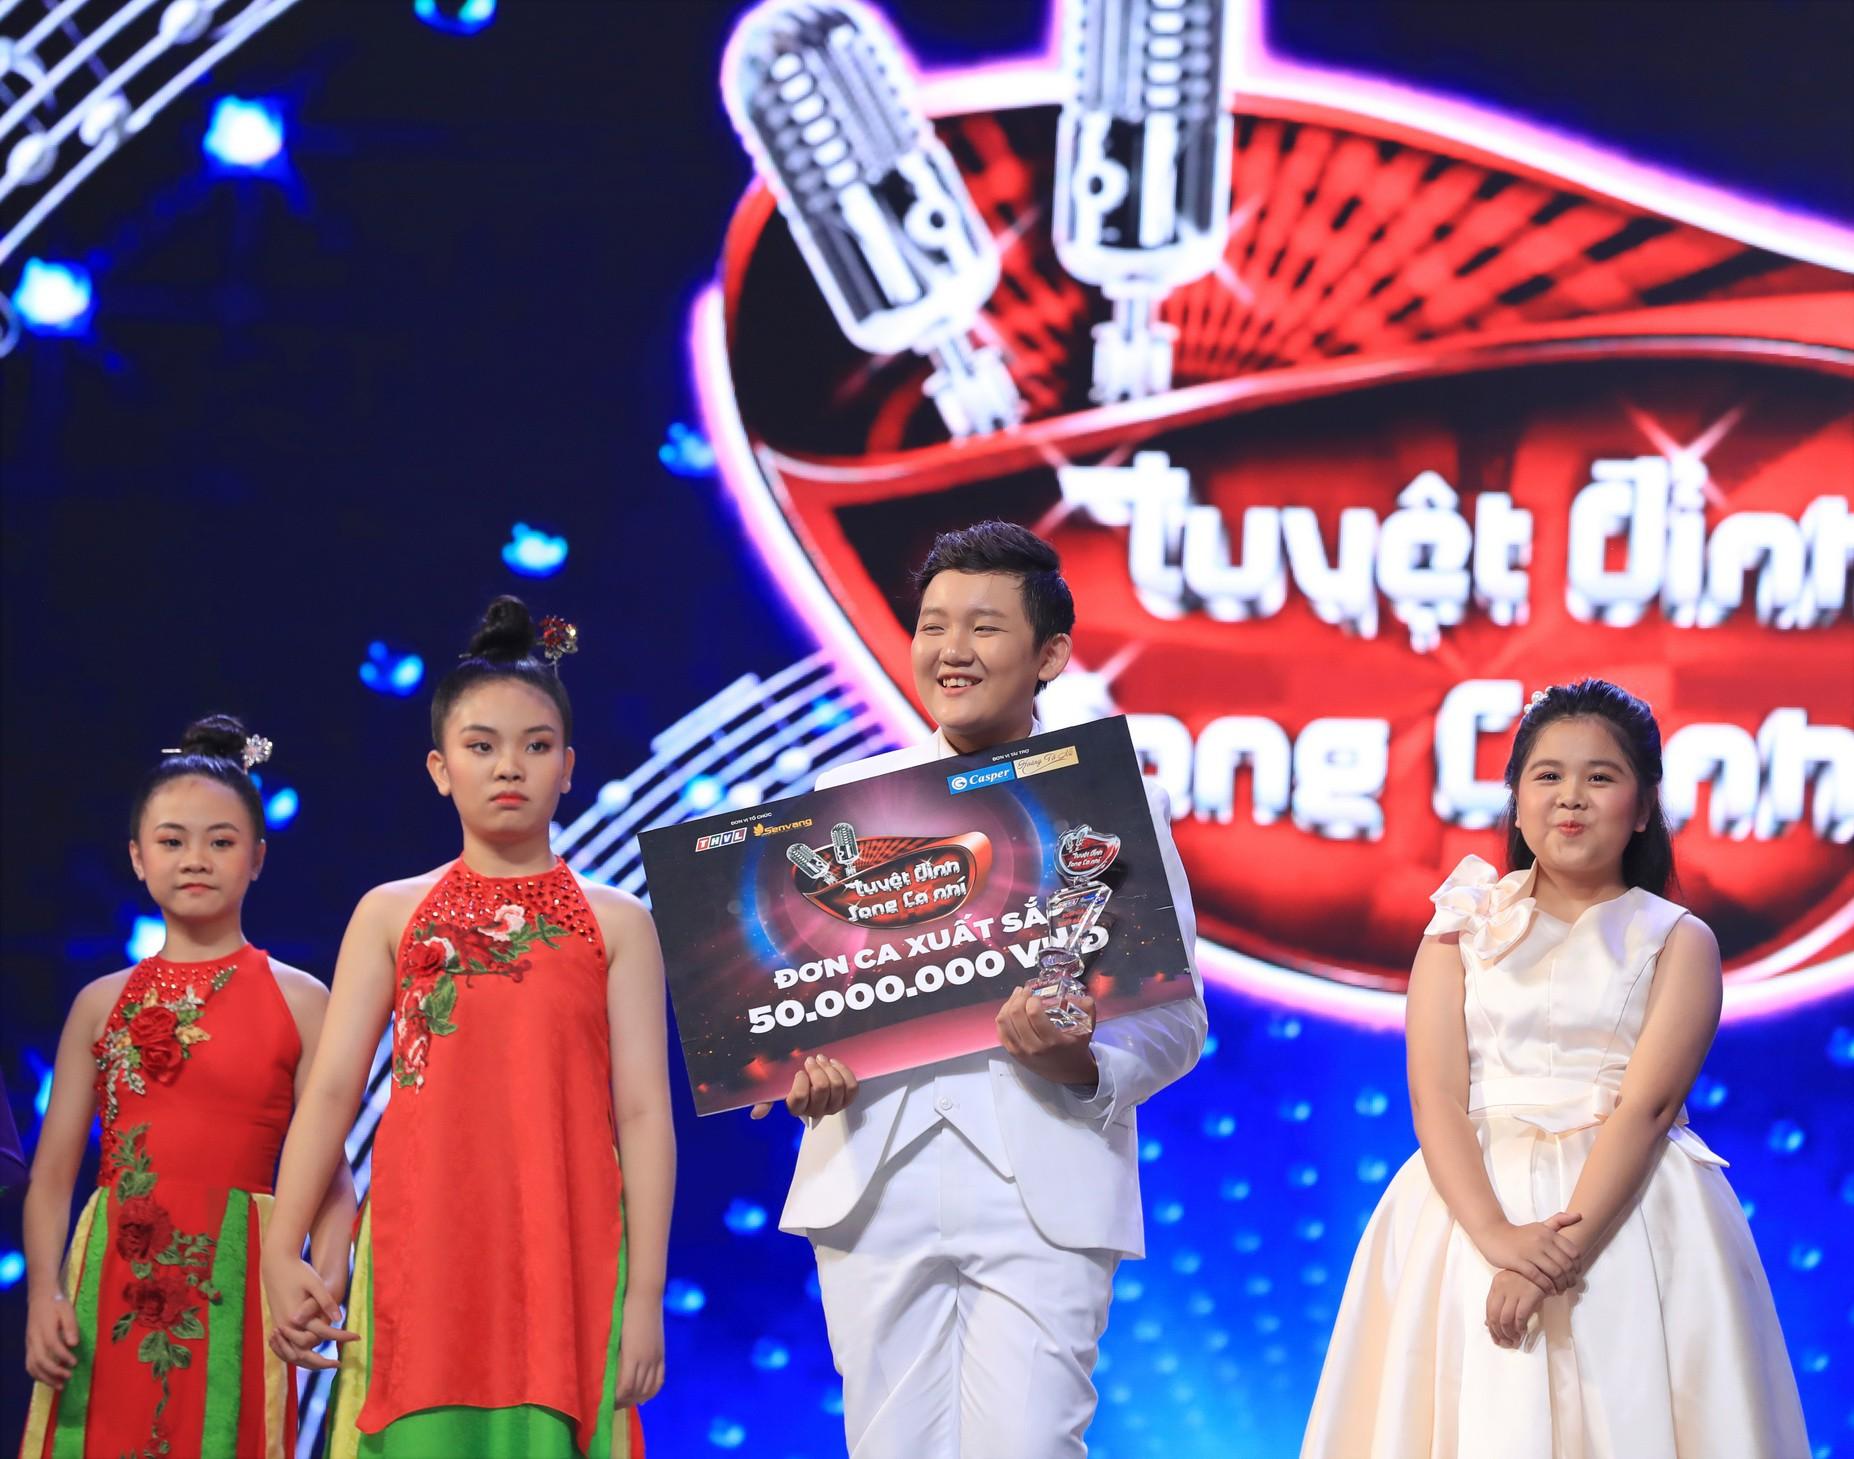 Tuyệt đỉnh song ca nhí 2019 kết thúc với chiến thắng của đội Hồ Việt Trung - Diệu Nhi - Ảnh 5.